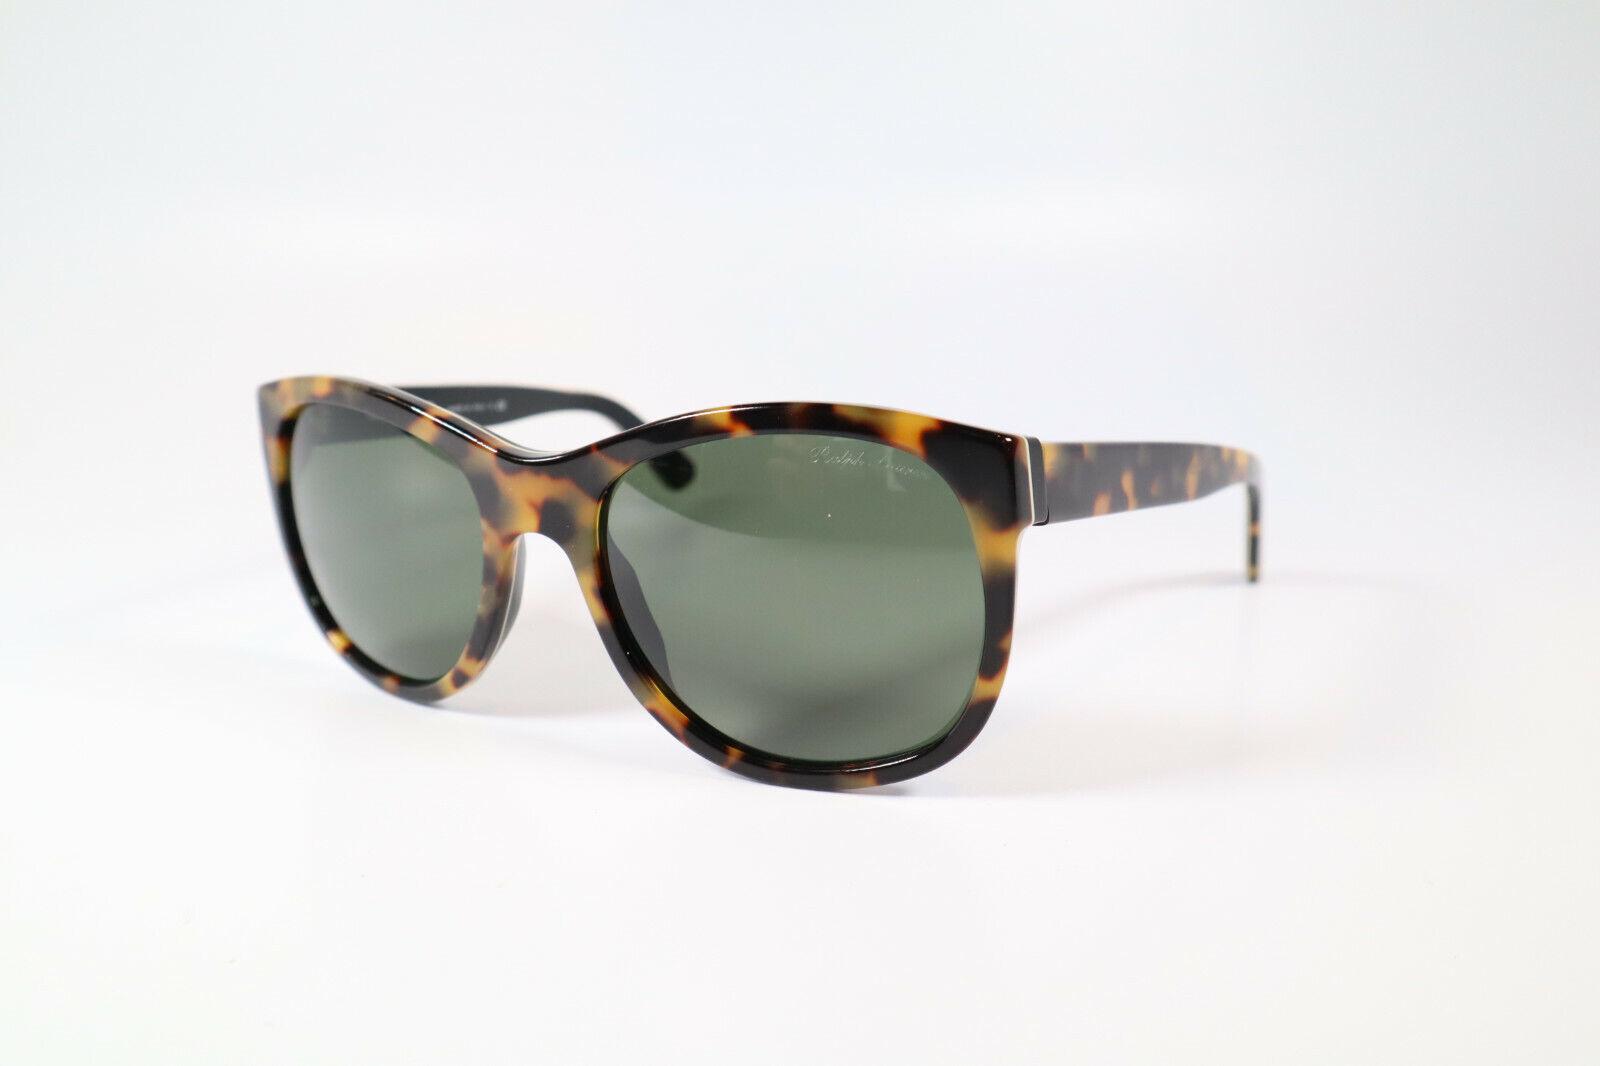 Ralph Lauren RL 8072-W 5299/52 Yellow Tortoise 56-19-145 Sunglasses